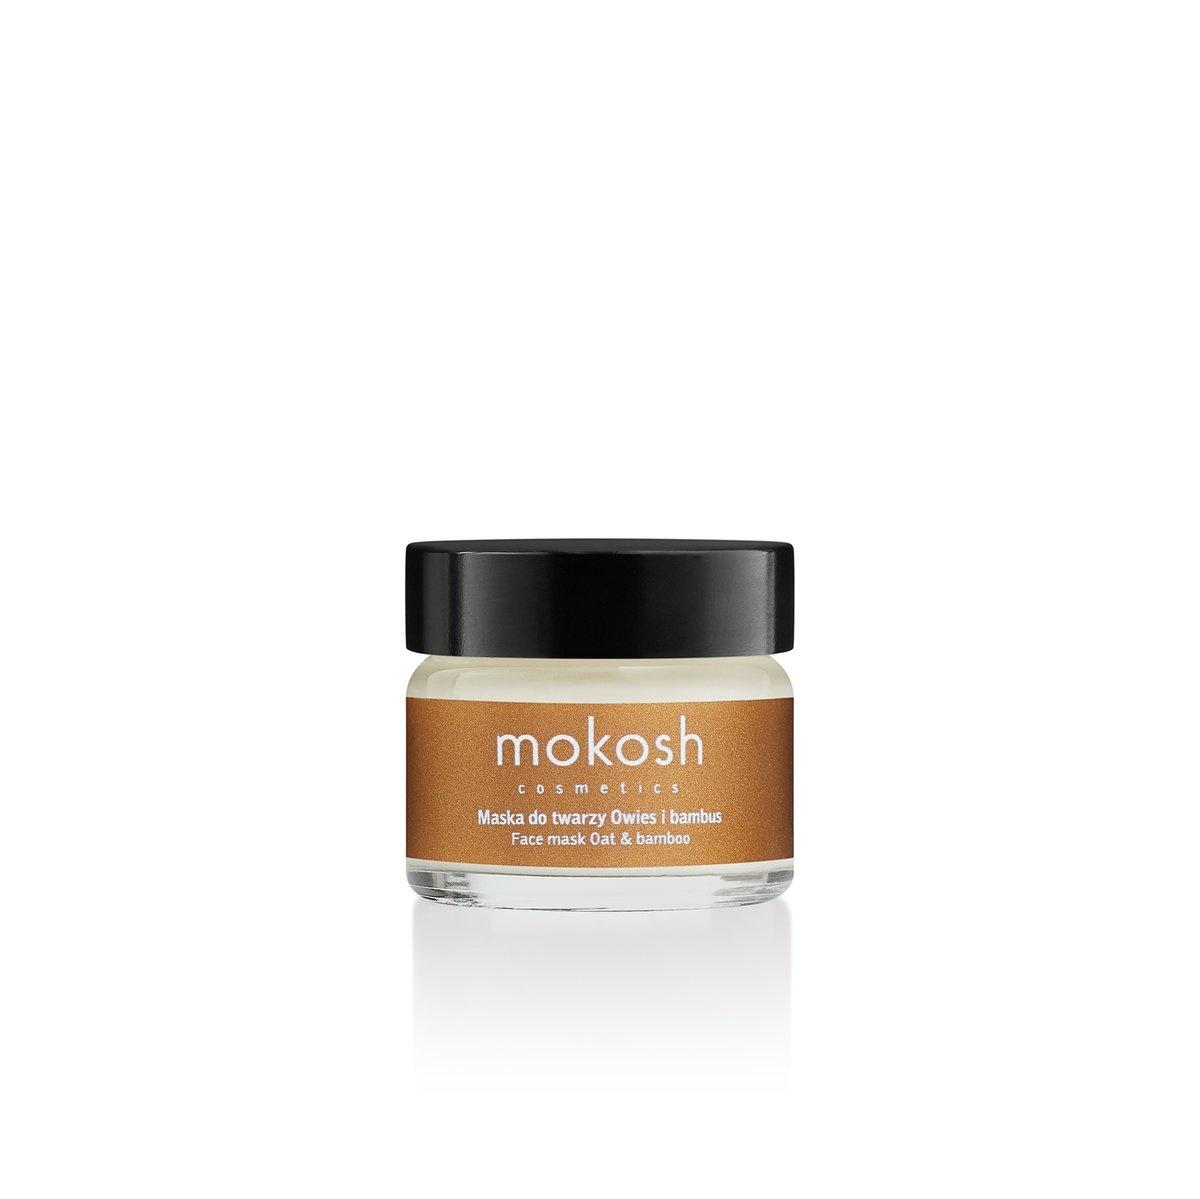 MOKOSH Mokosh | Lifting Face Mask Oat & Bamboo 15ml